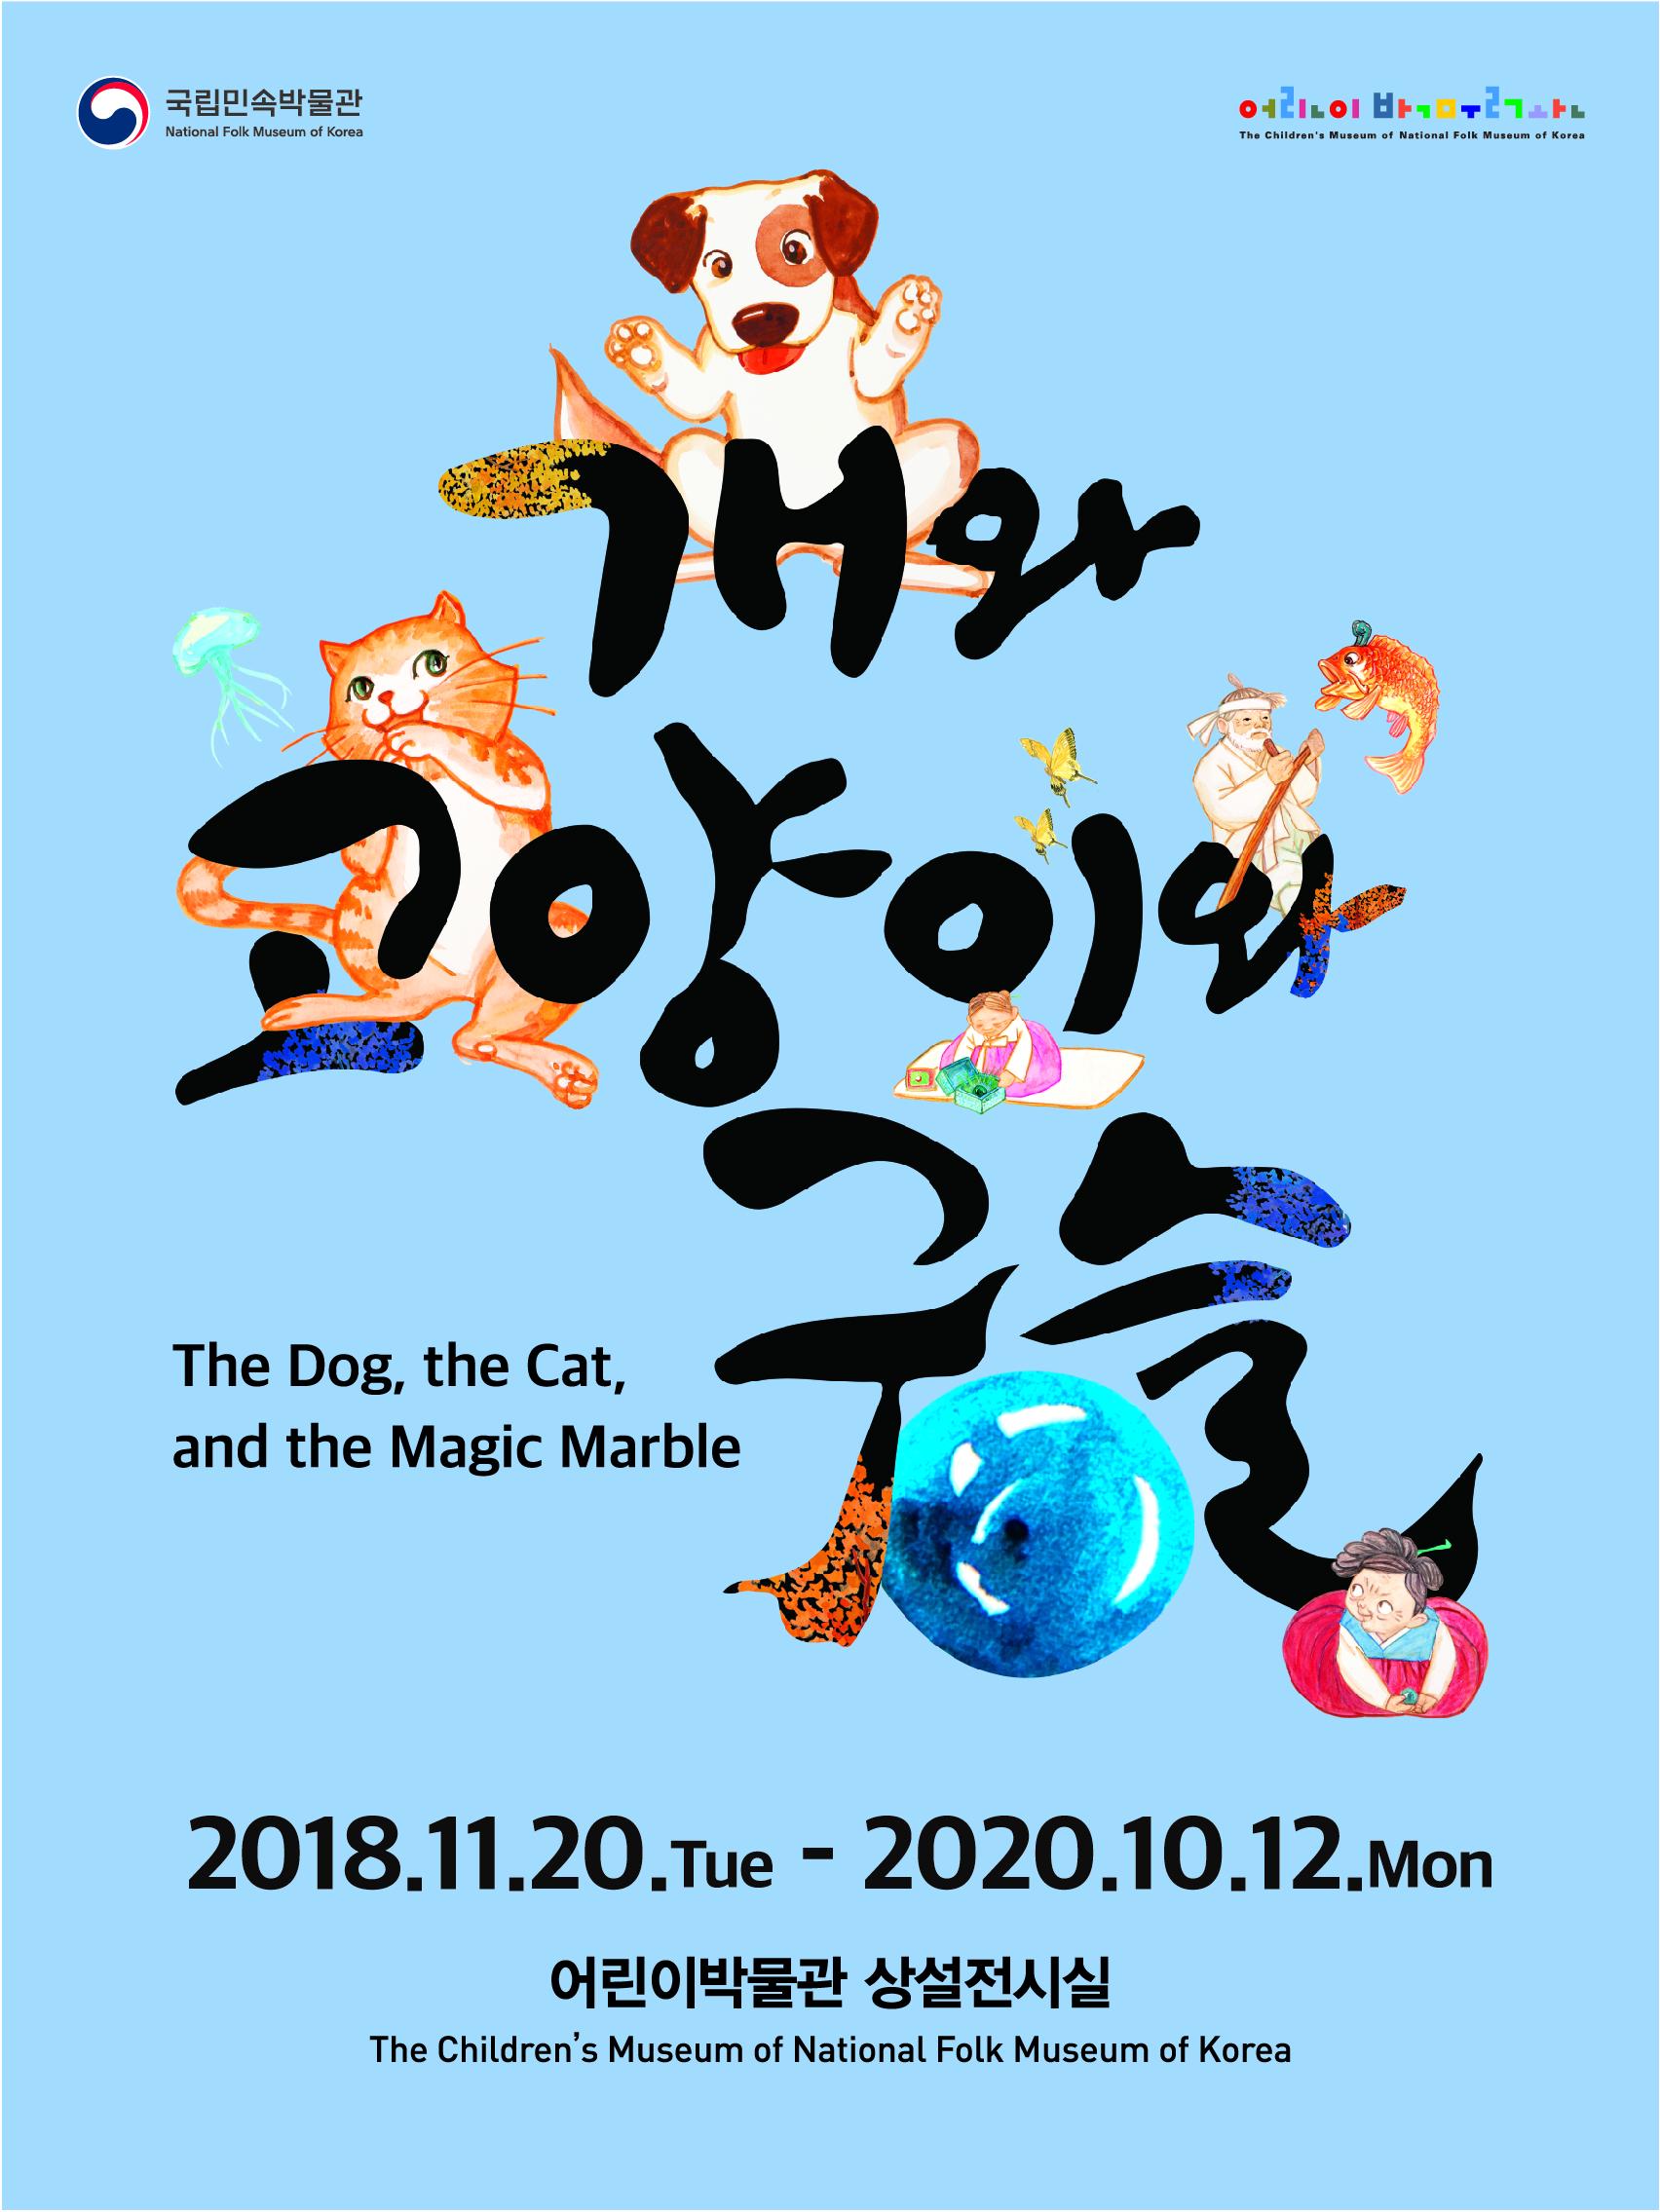 [공연] 국립민속박물관, '개와 고양이와 구슬'이야기 스토리텔링 전시로 구현